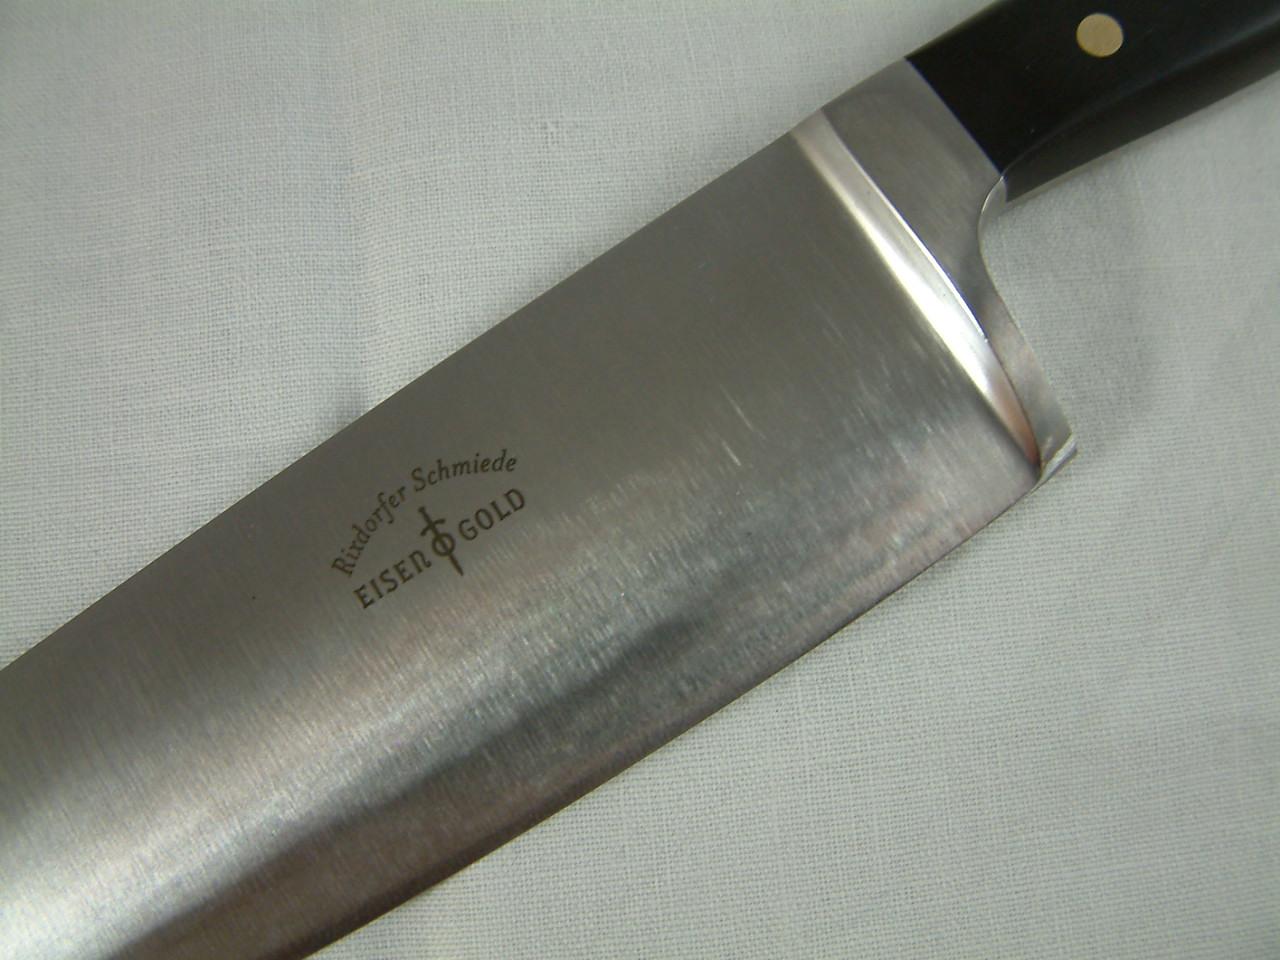 Küchenmesser 20cm